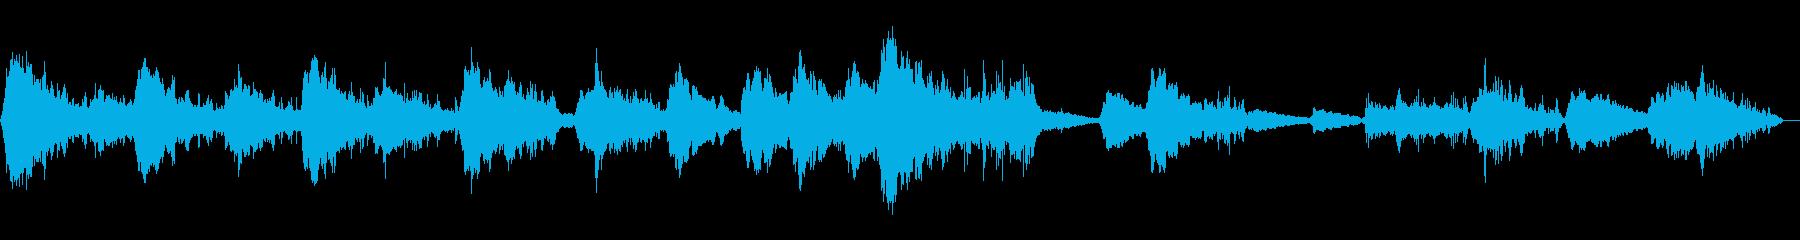 暗い深海をイメージしたアンビエントBの再生済みの波形